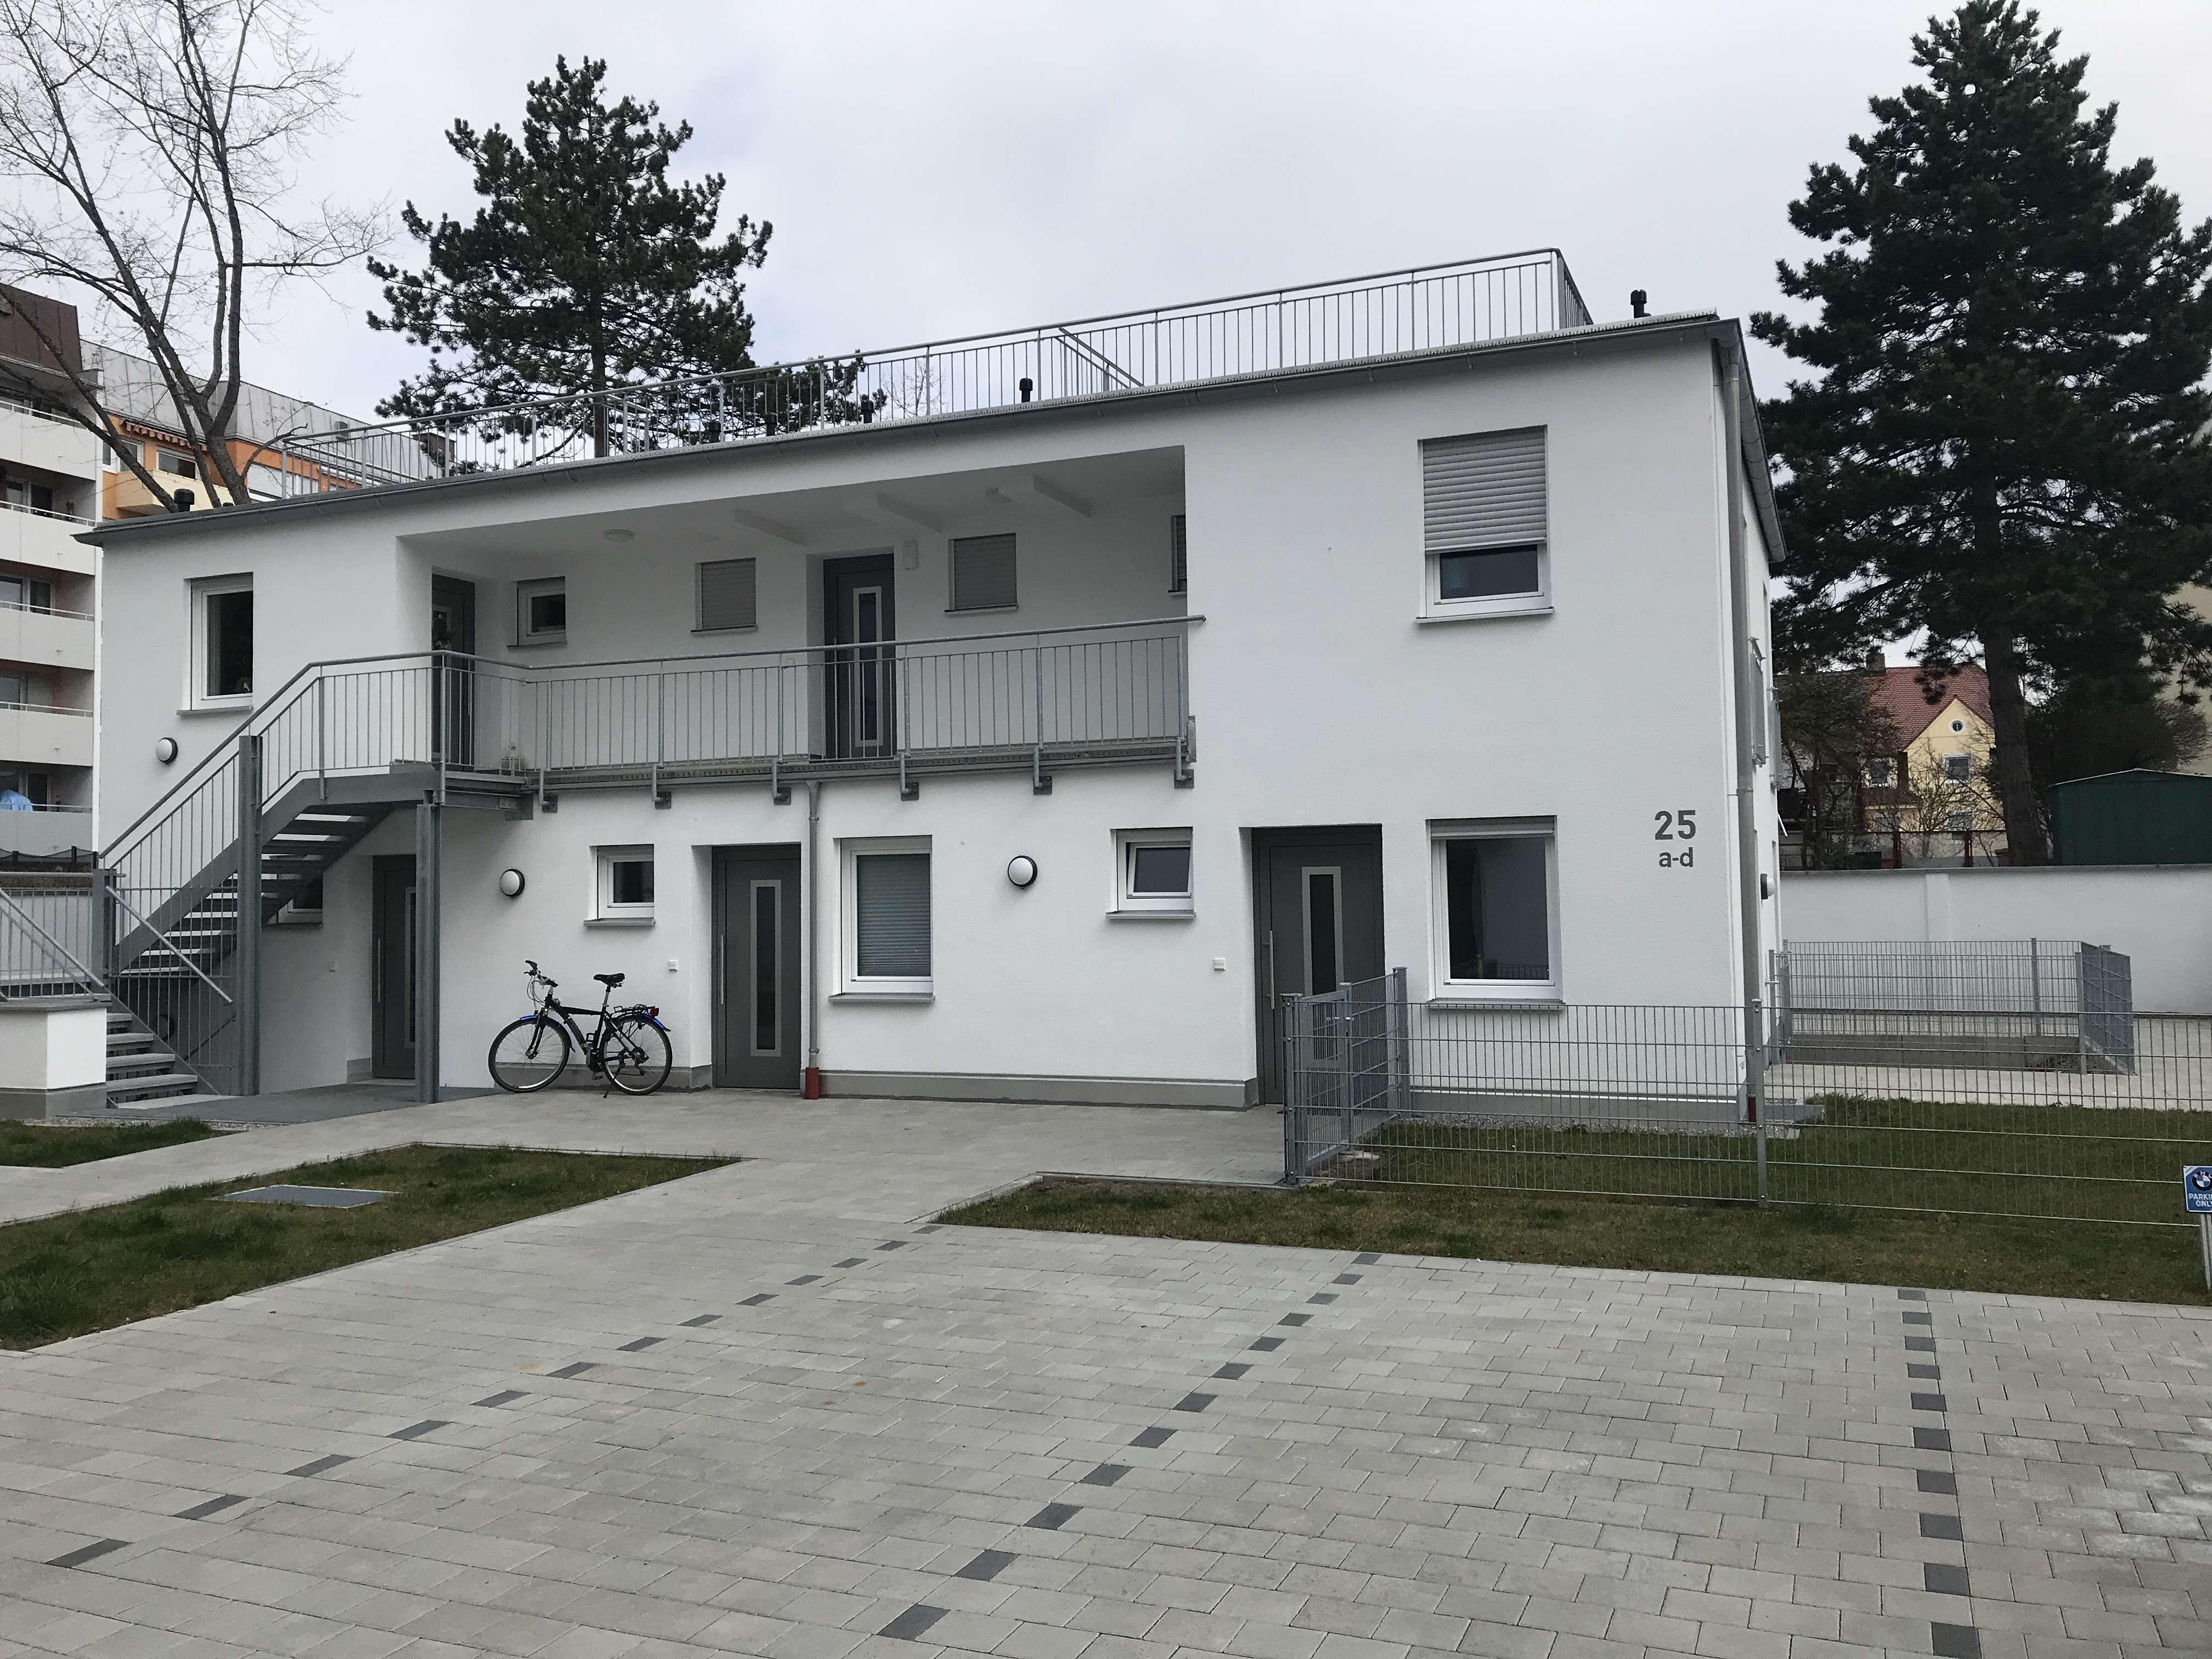 """""""NEUBAU - EG - Appartement W3 mit Garten - Augsburg Pfersee """" sofort f r e i KfZ.St.Pl. am Haus in"""